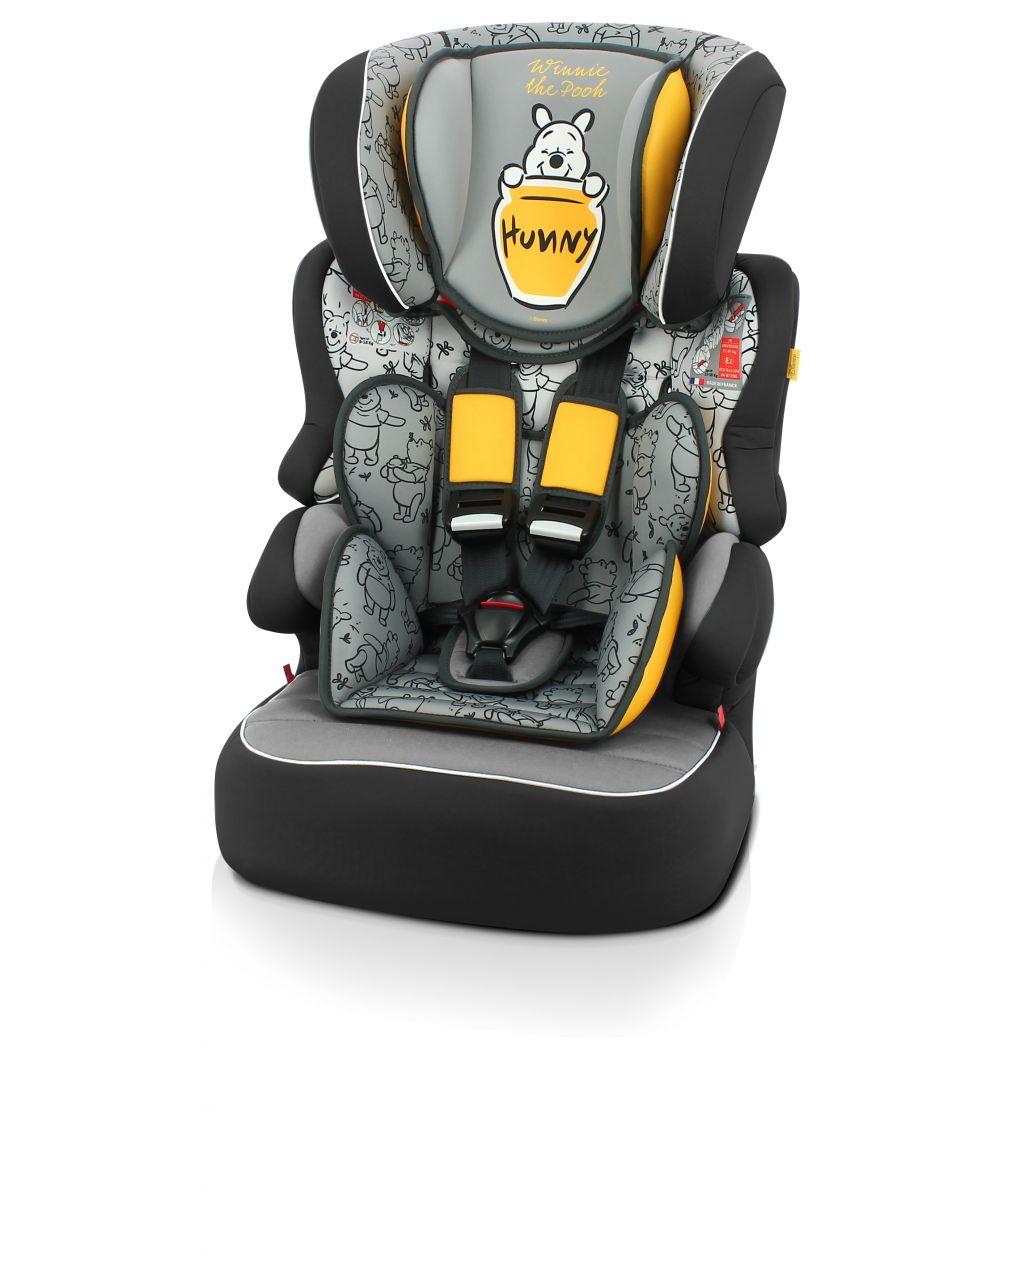 Giordani Κάθισμα Αυτοκινήτου Argo 1-2-3 Winnie The Pooh - Γκρι